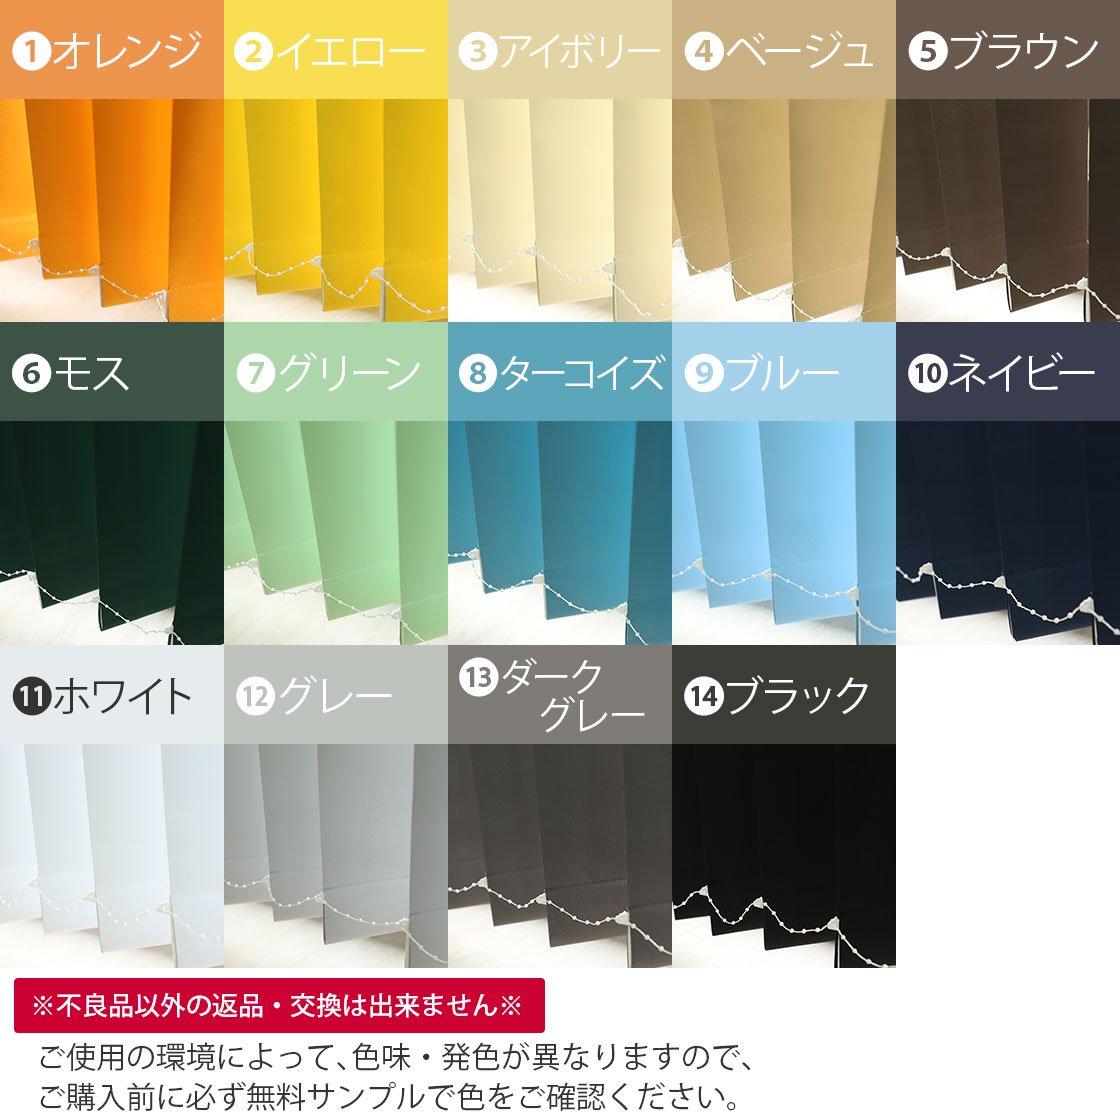 1級遮光のカラー一覧